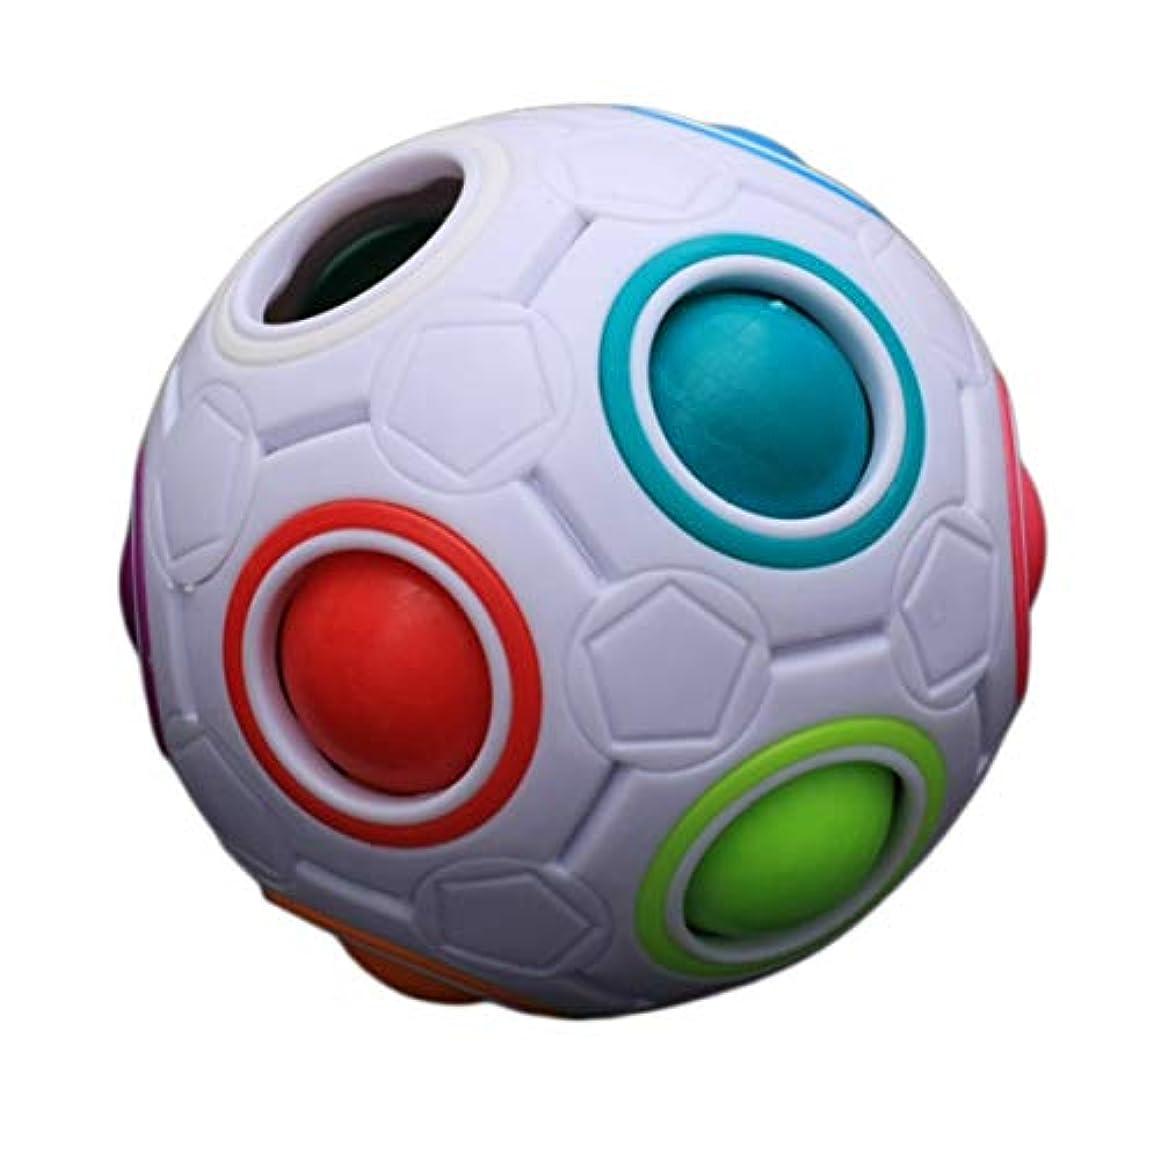 セール広大なウェブTivollyff ユニークな子供子供球形レインボーボールサッカーマジック玩具カラフルな学習教育パズルブロックおもちゃギフト用赤ちゃん